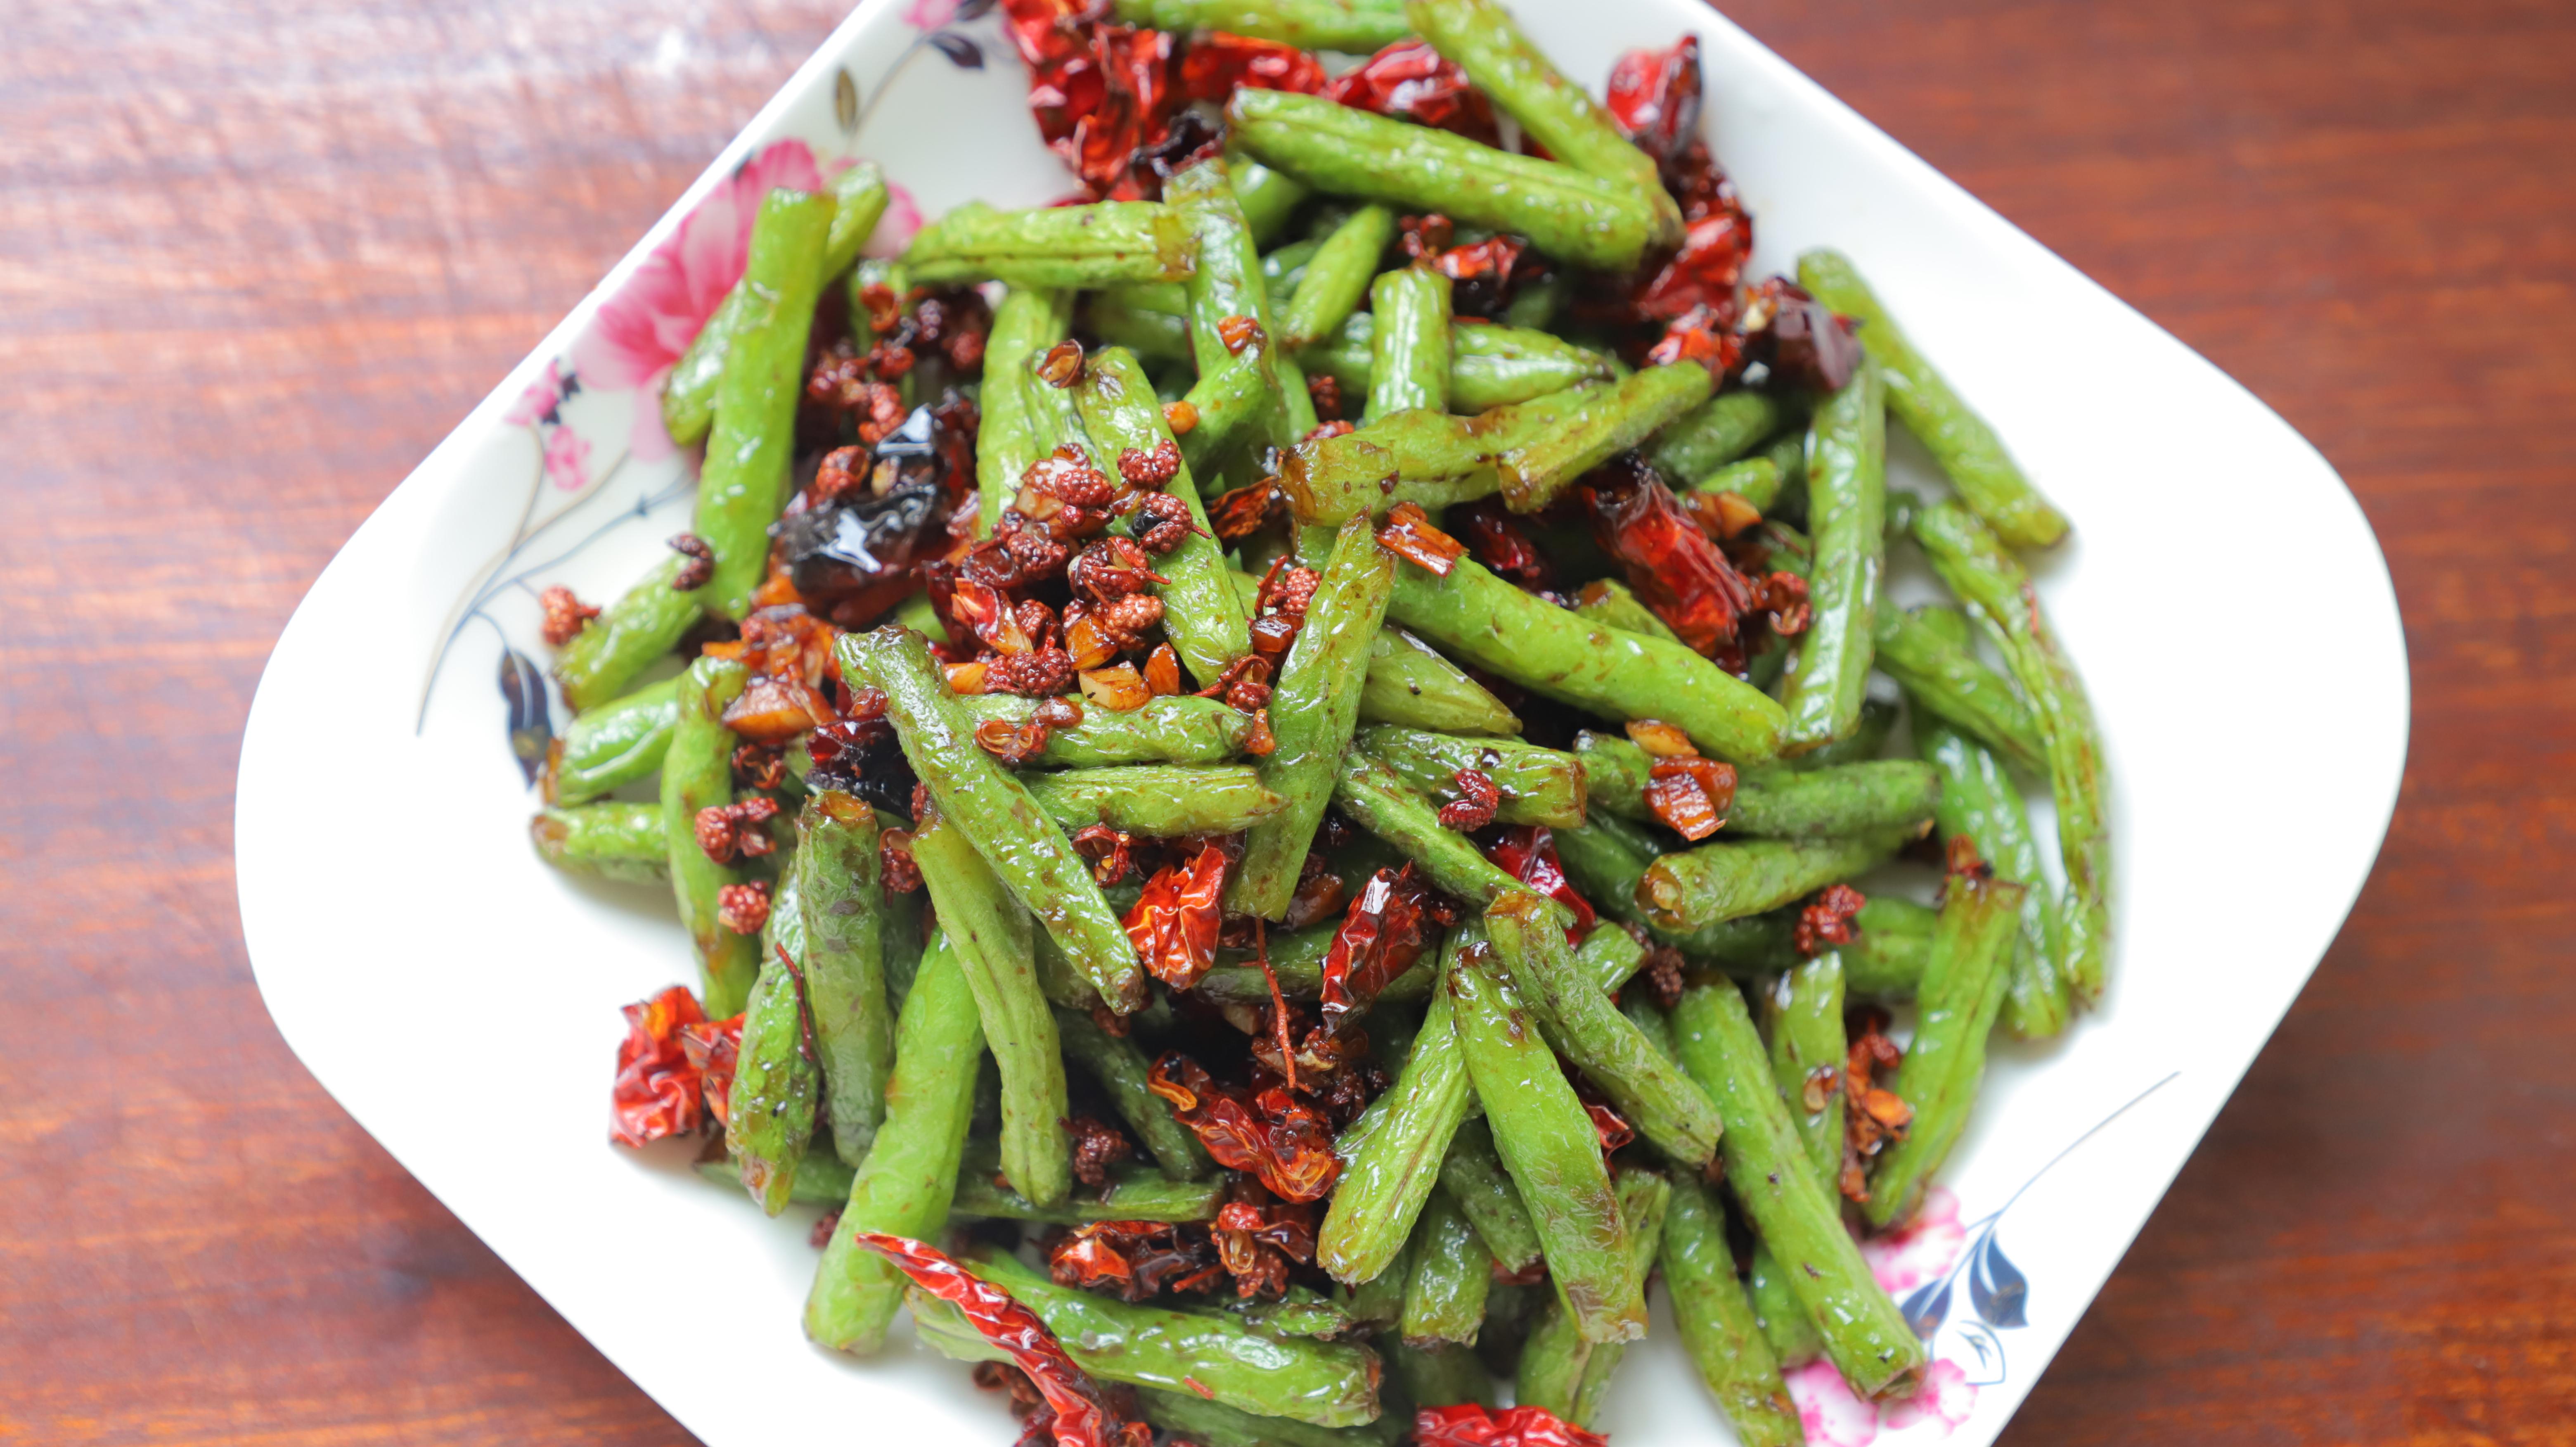 10道经典川菜的做法合集,鲜香麻辣,超级下饭,爱吃辣的看过来 川菜菜谱 第2张